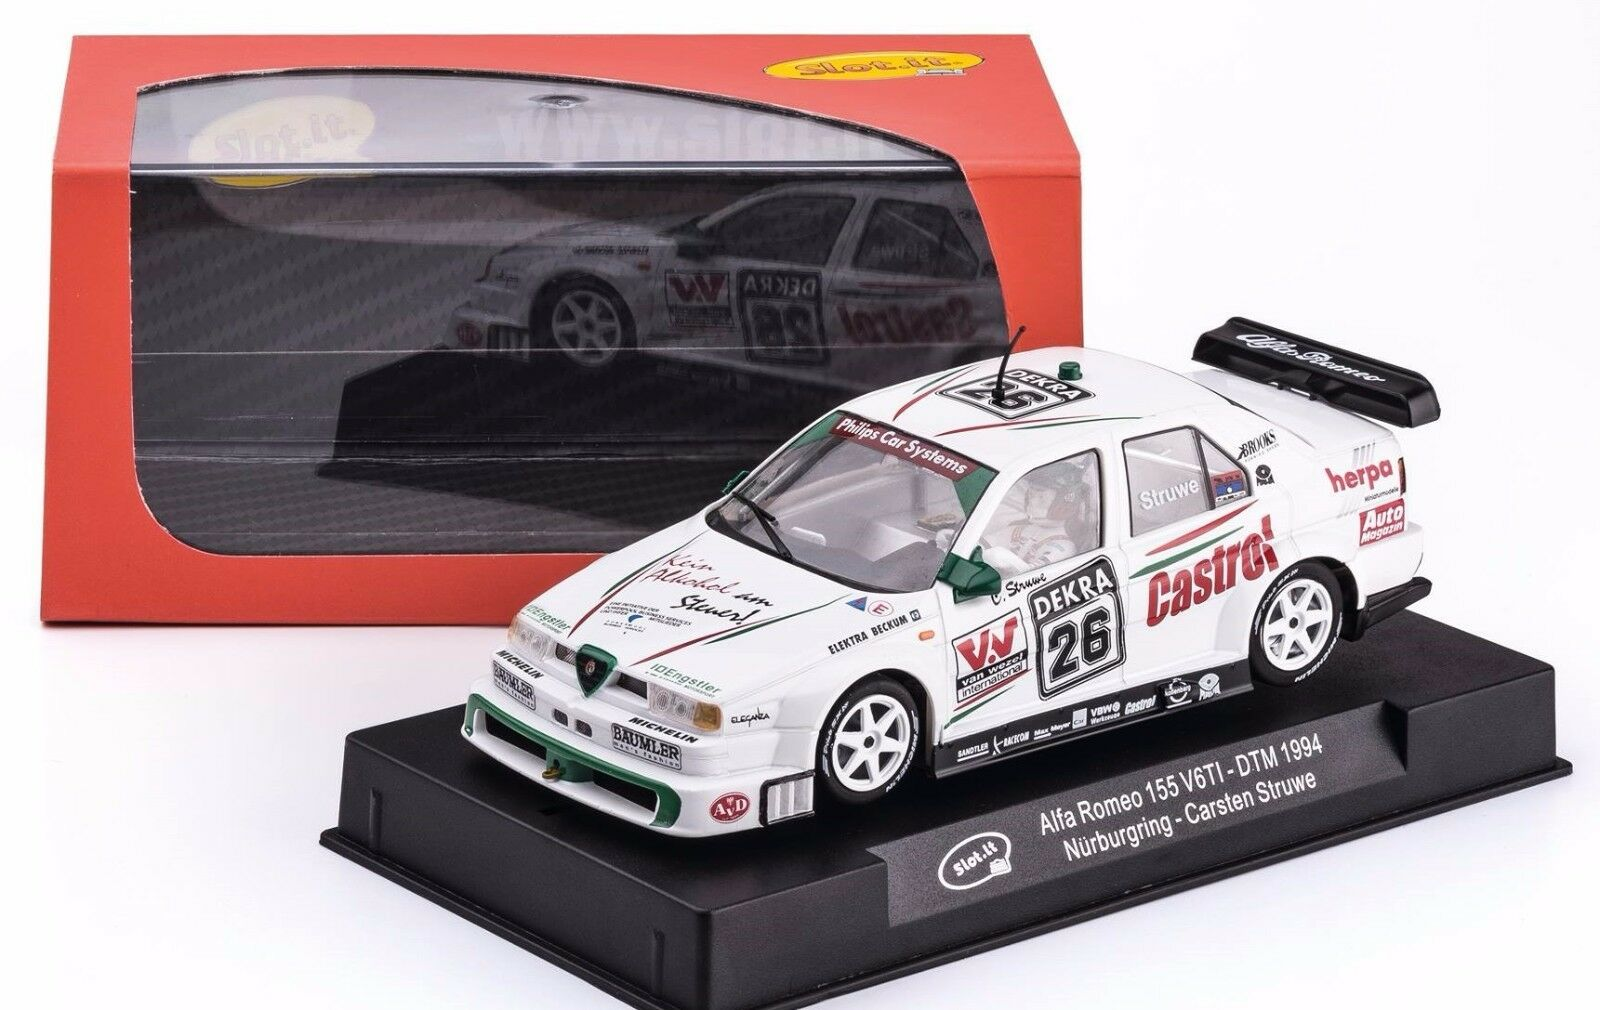 Slot it Alfa Romeo 155 V6 TI DTM  Nürburgring 1994 -  26